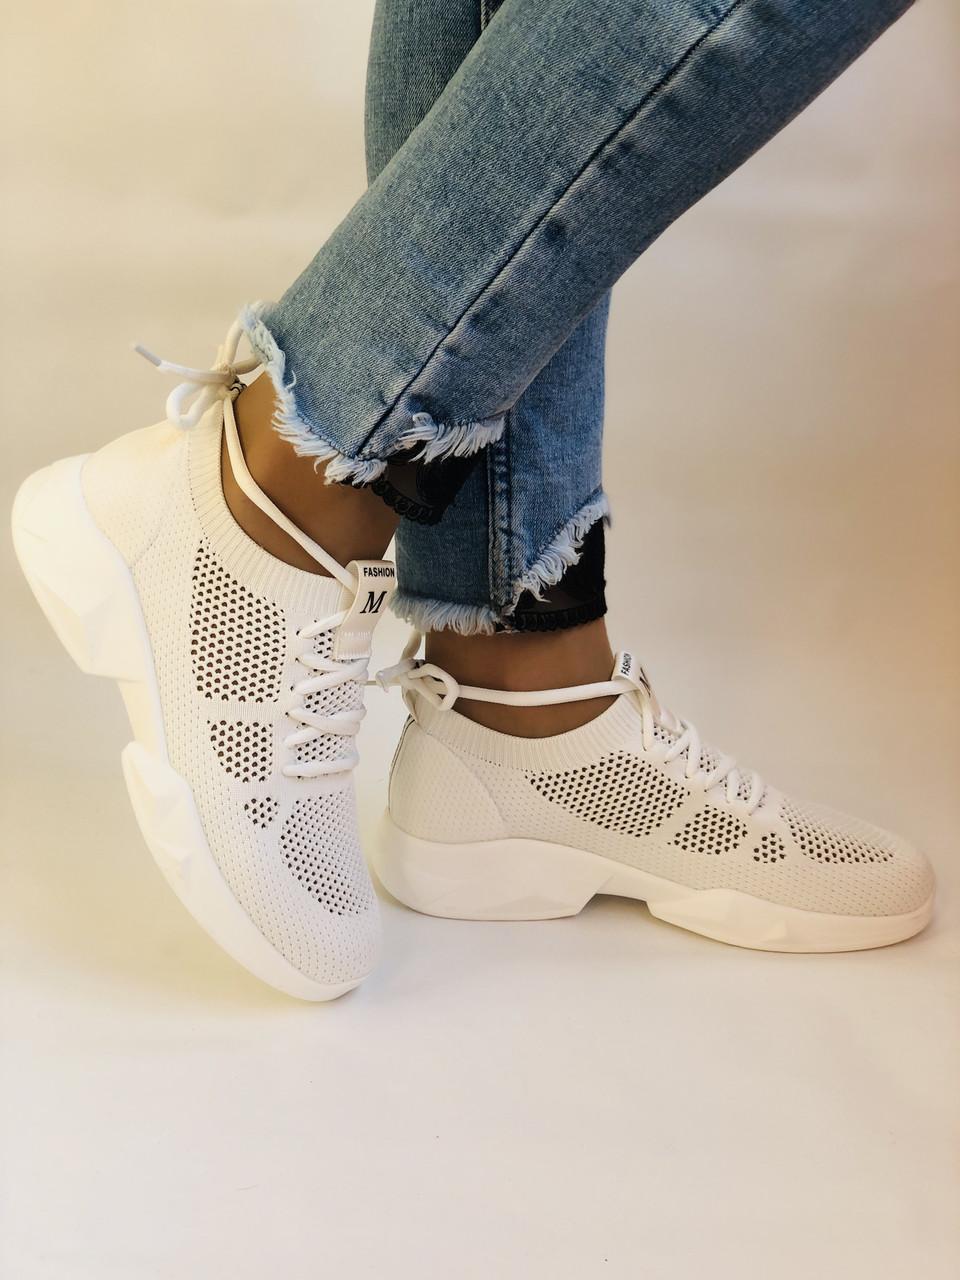 Lonza. Стильные женские кеды-кроссовки белые.Вязанный текстиль с сеткой.Отличное качество! Р. 37